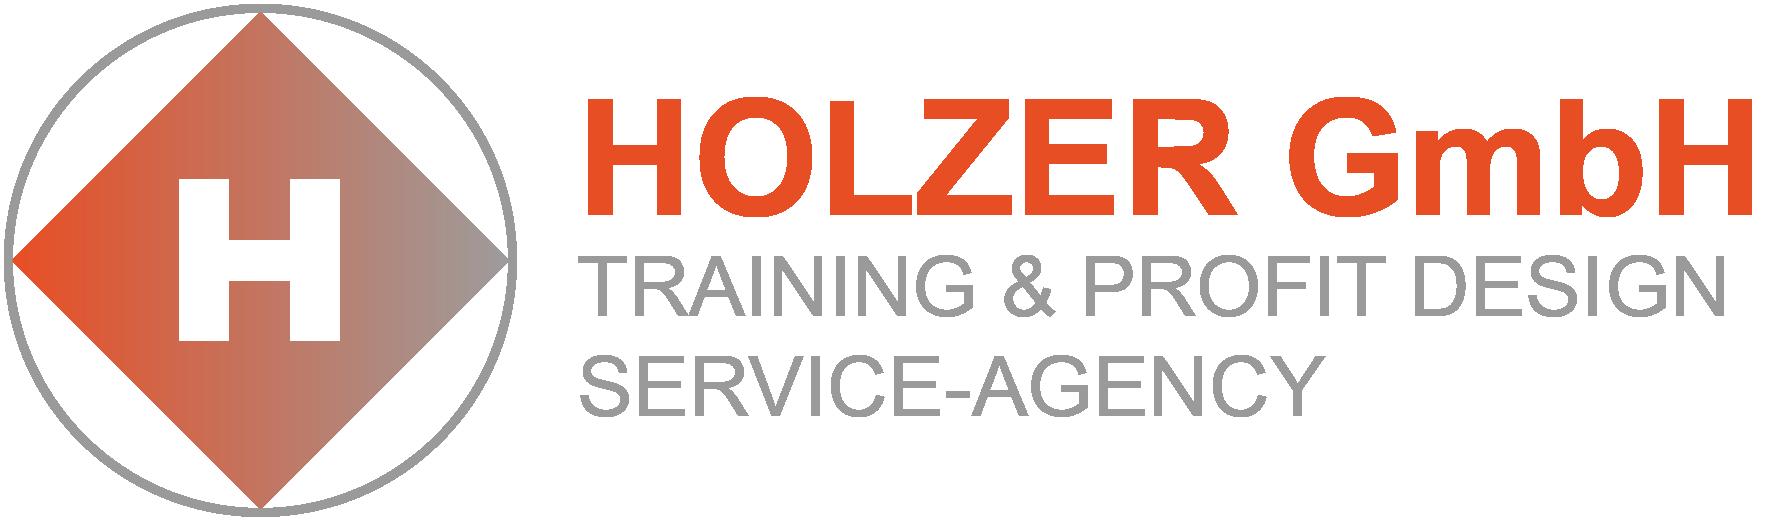 Holzer GmbH Logo